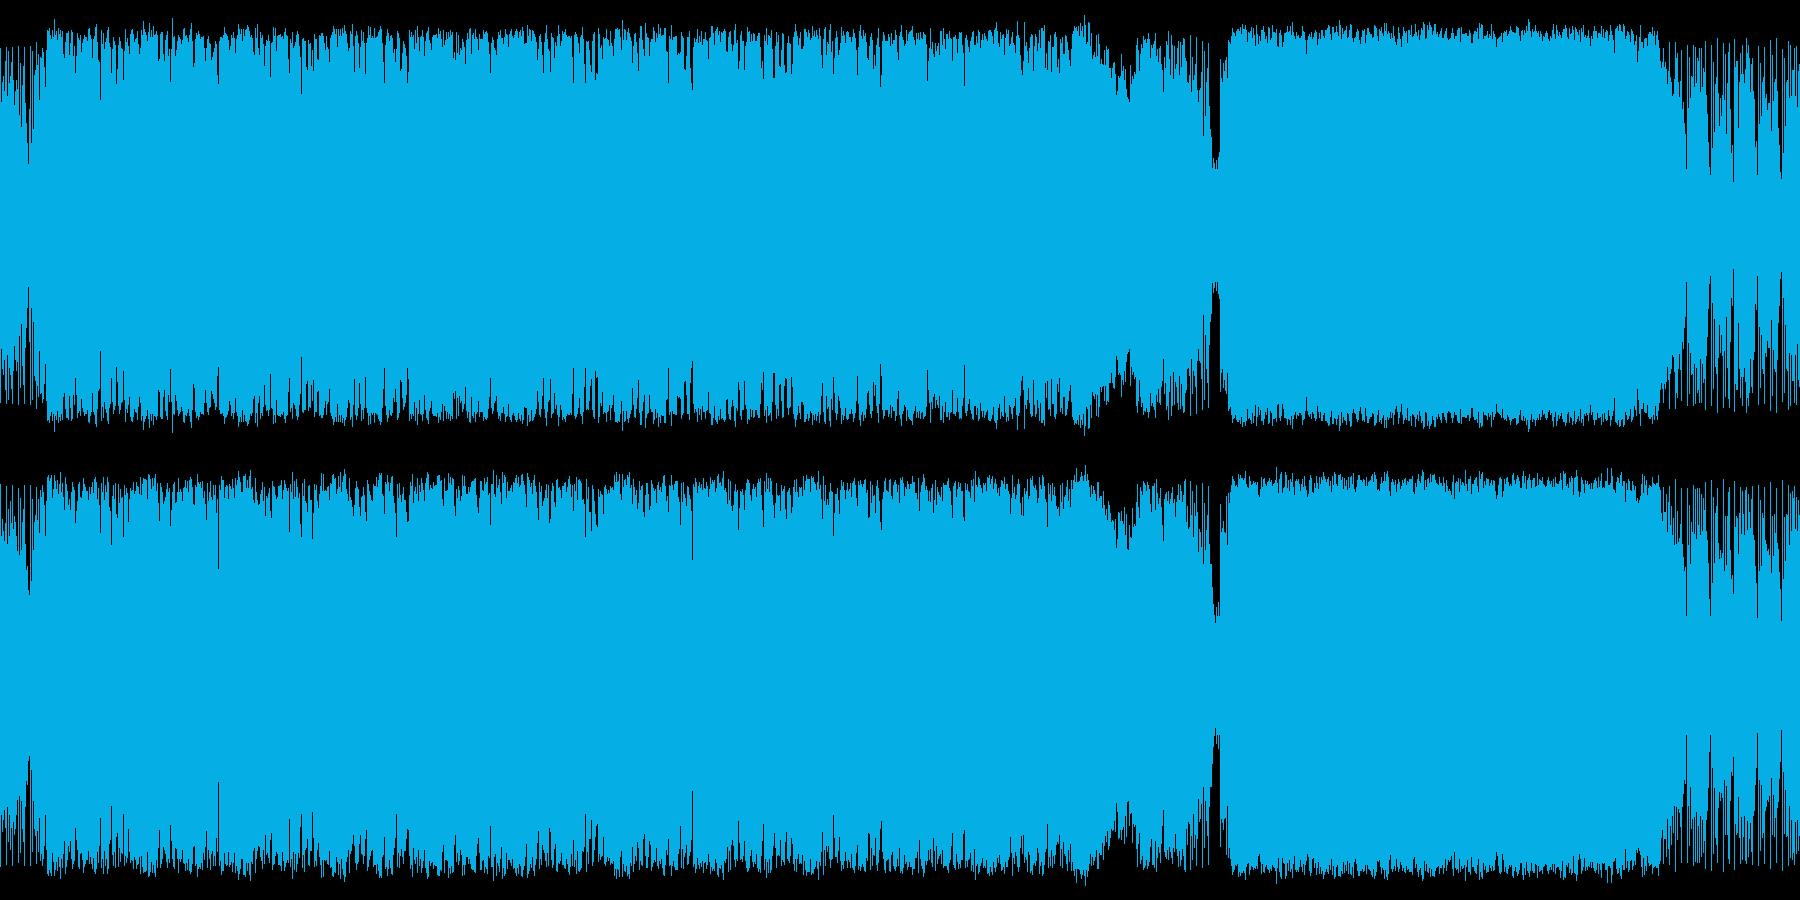 ファンタジーゲームなどで使えるマーチの再生済みの波形